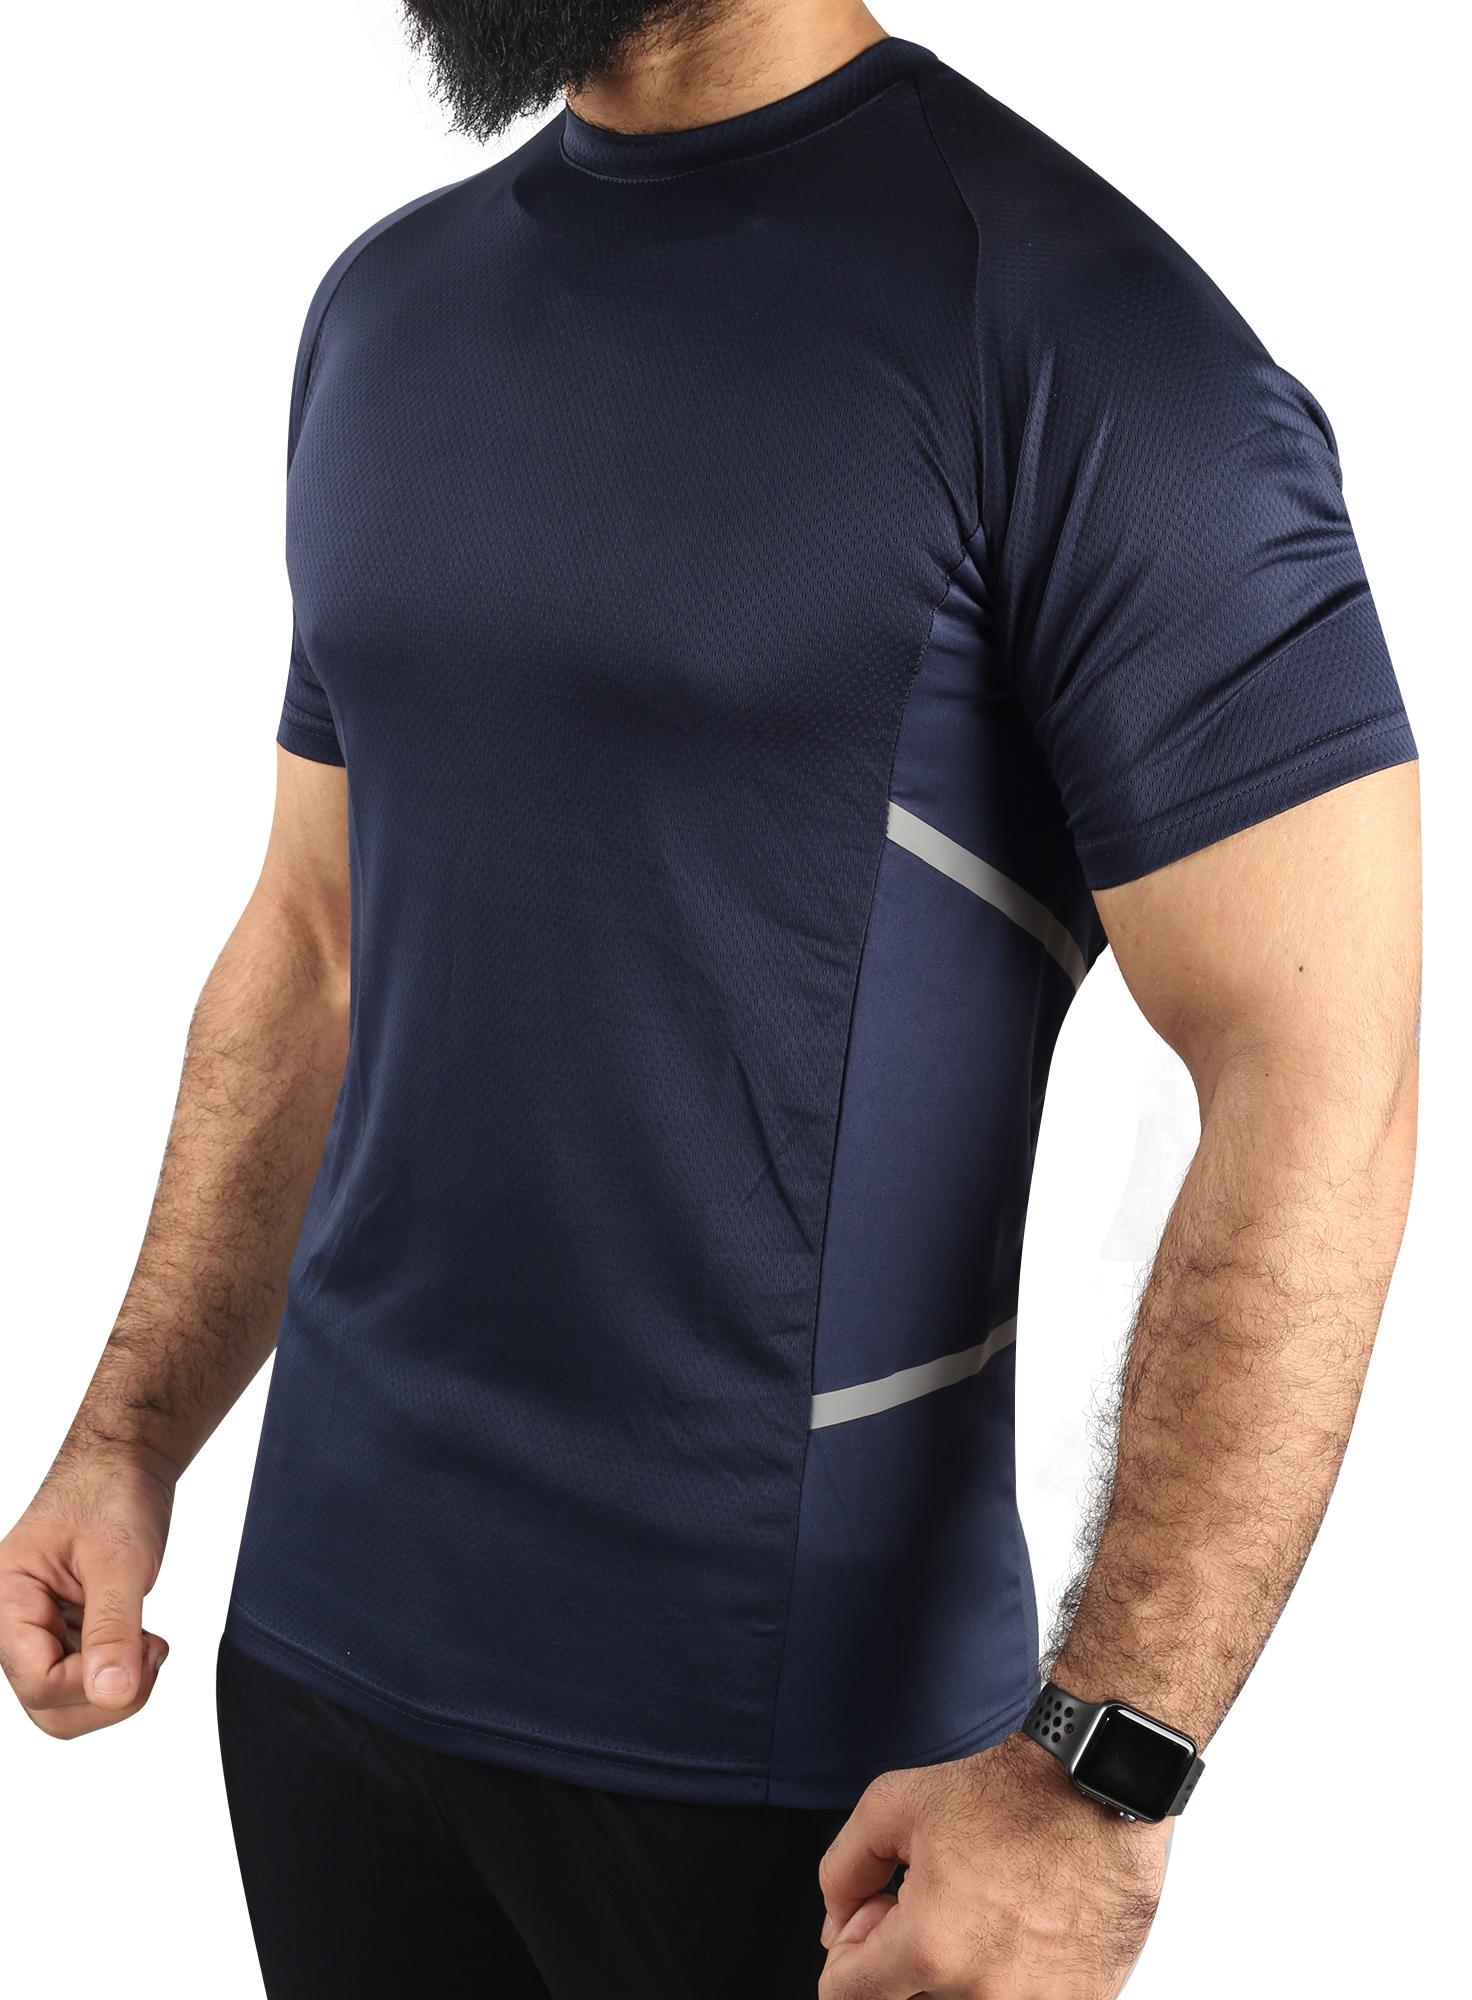 shirts, sportswear